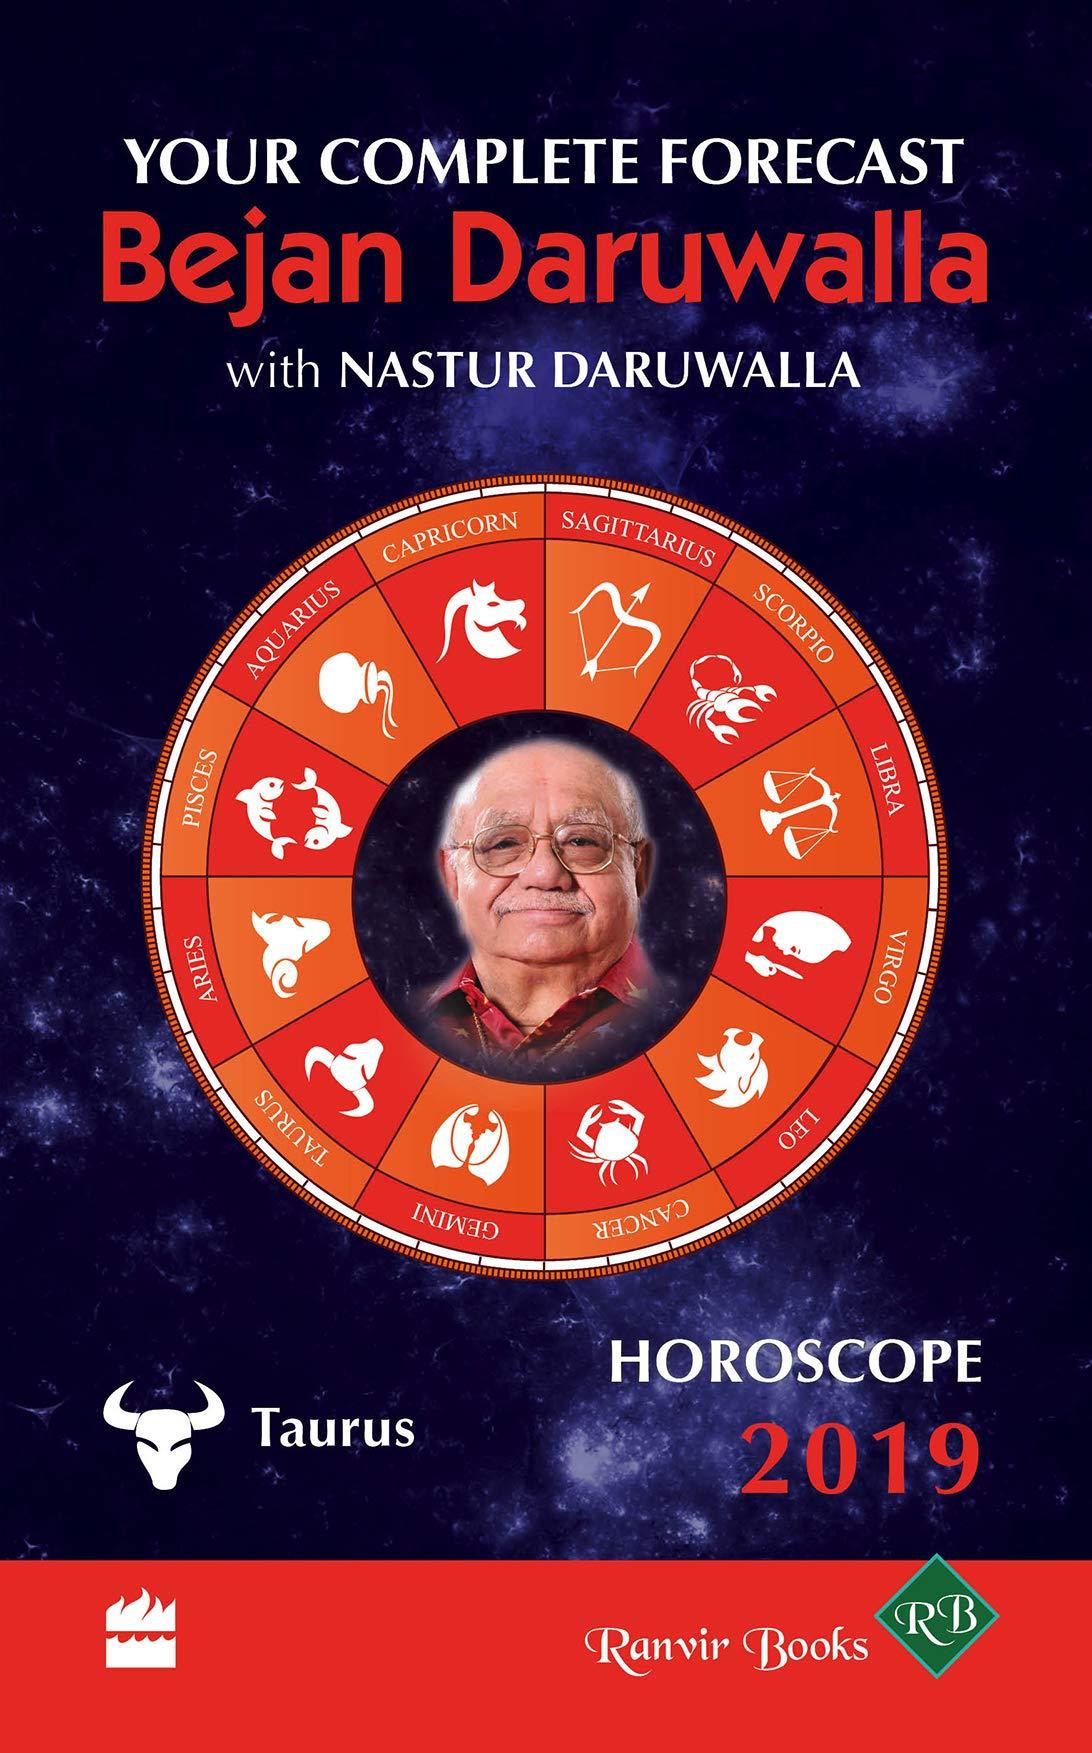 december 10 2019 horoscope